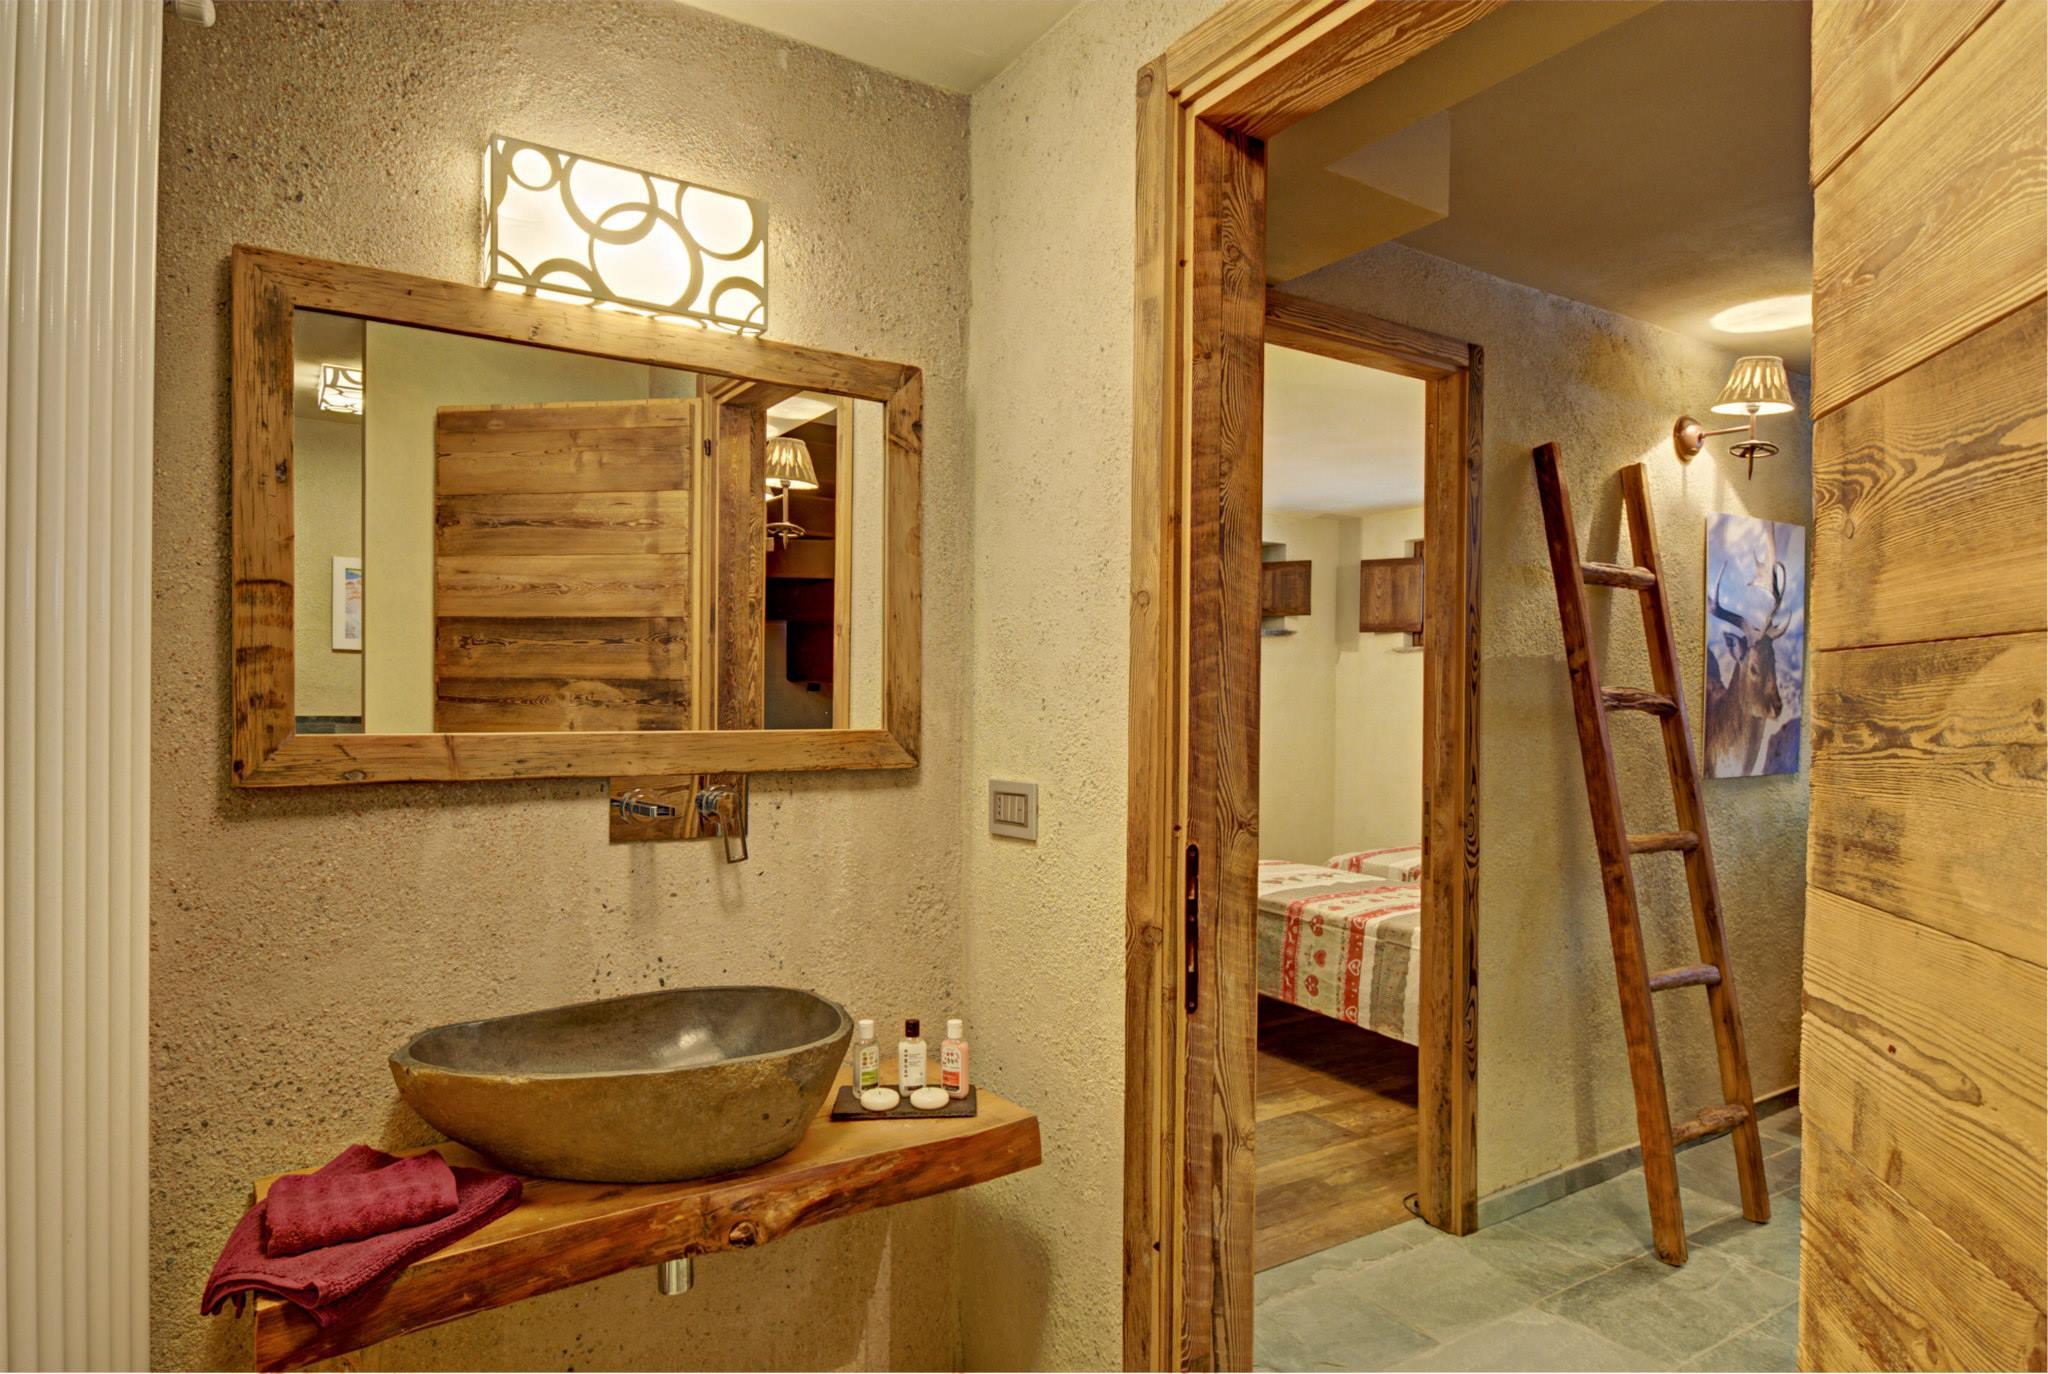 decoracion de interiores madera rustica:Diseño de interiores rústico uso de madera y piedra